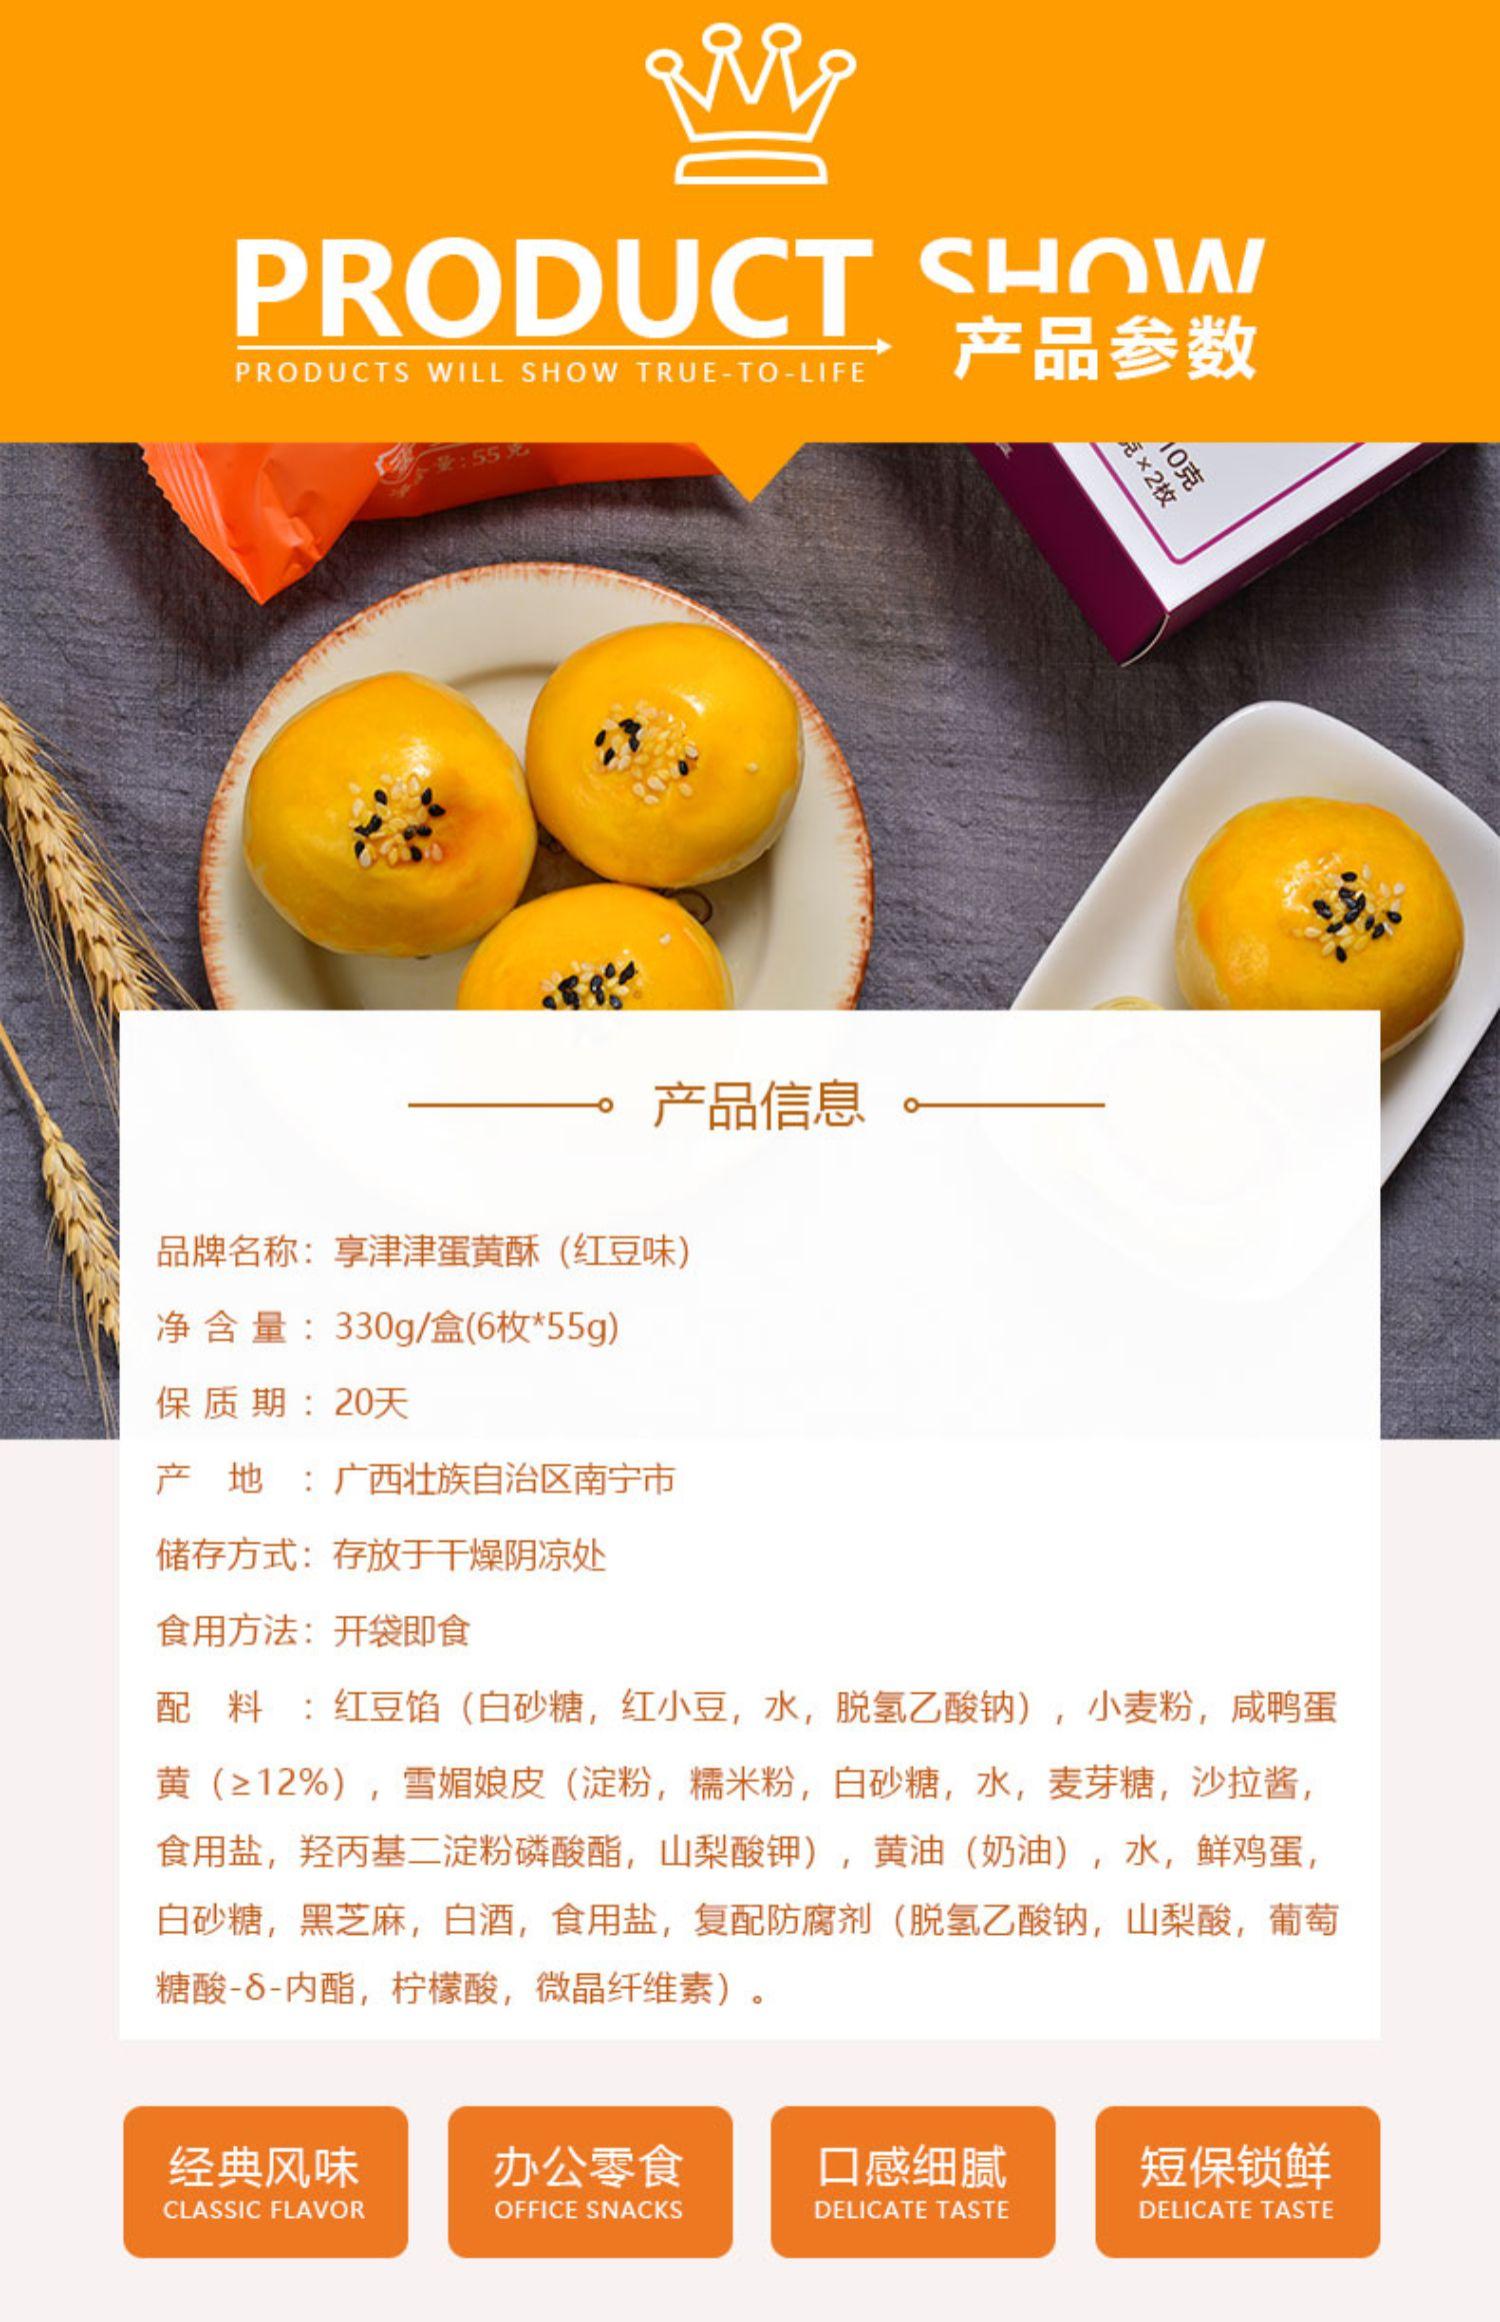 【爆款返场】红豆雪媚娘蛋黄酥6枚